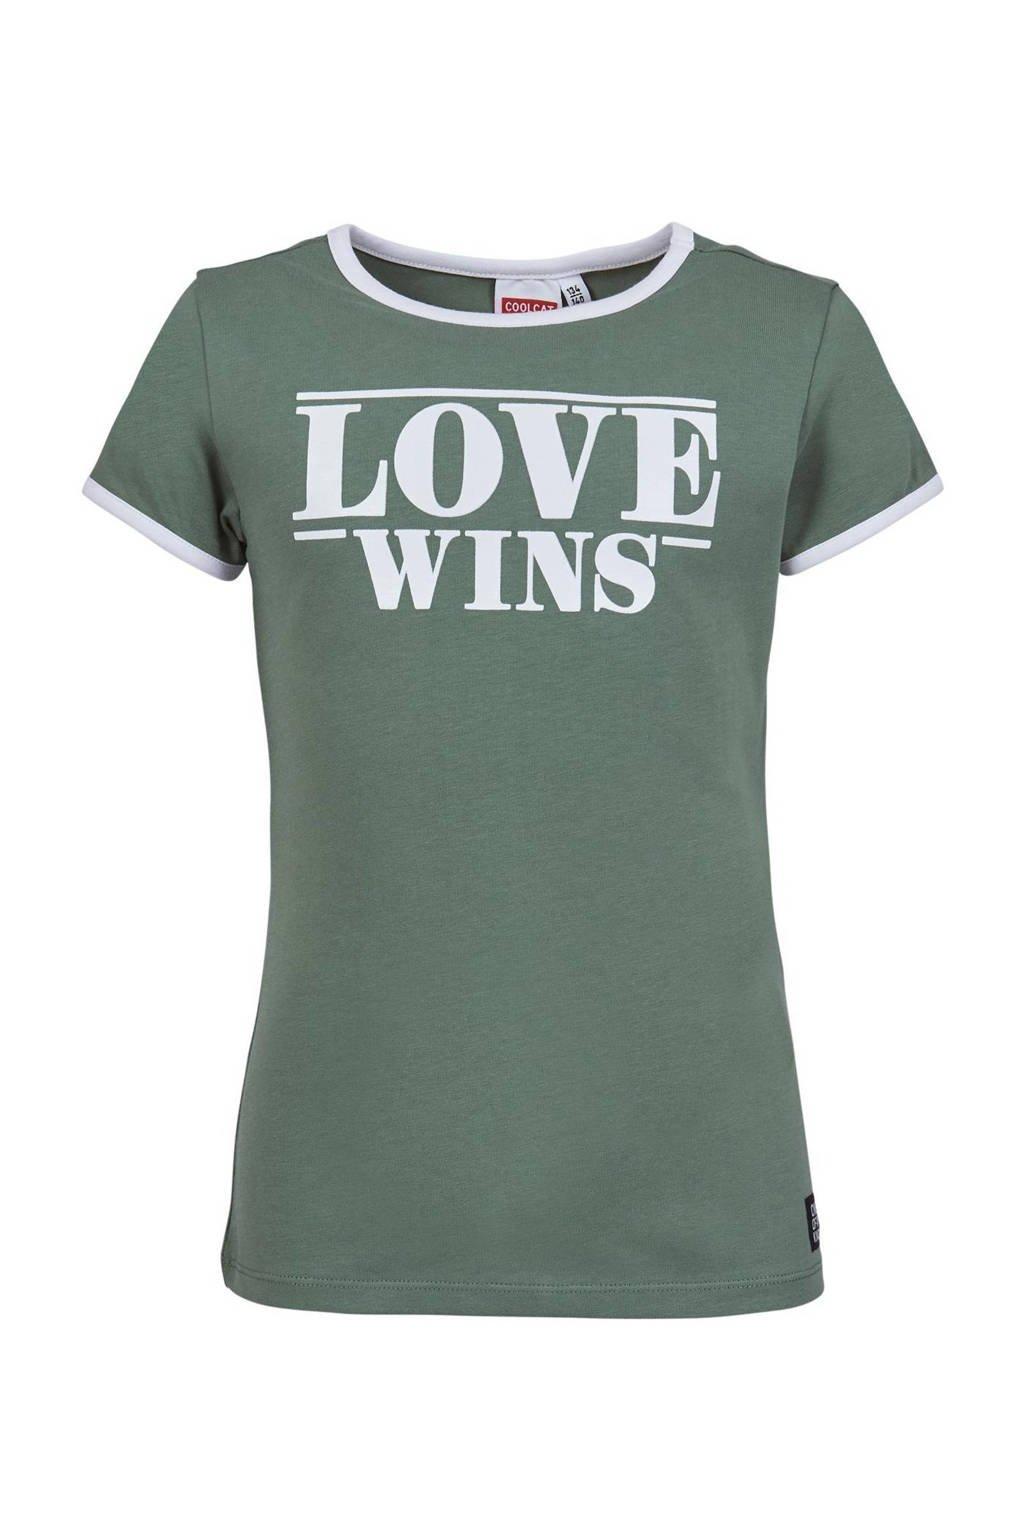 CoolCat Junior slim fit T-shirt Elin met tekst olijfgroen/wit, Olijfgroen/wit